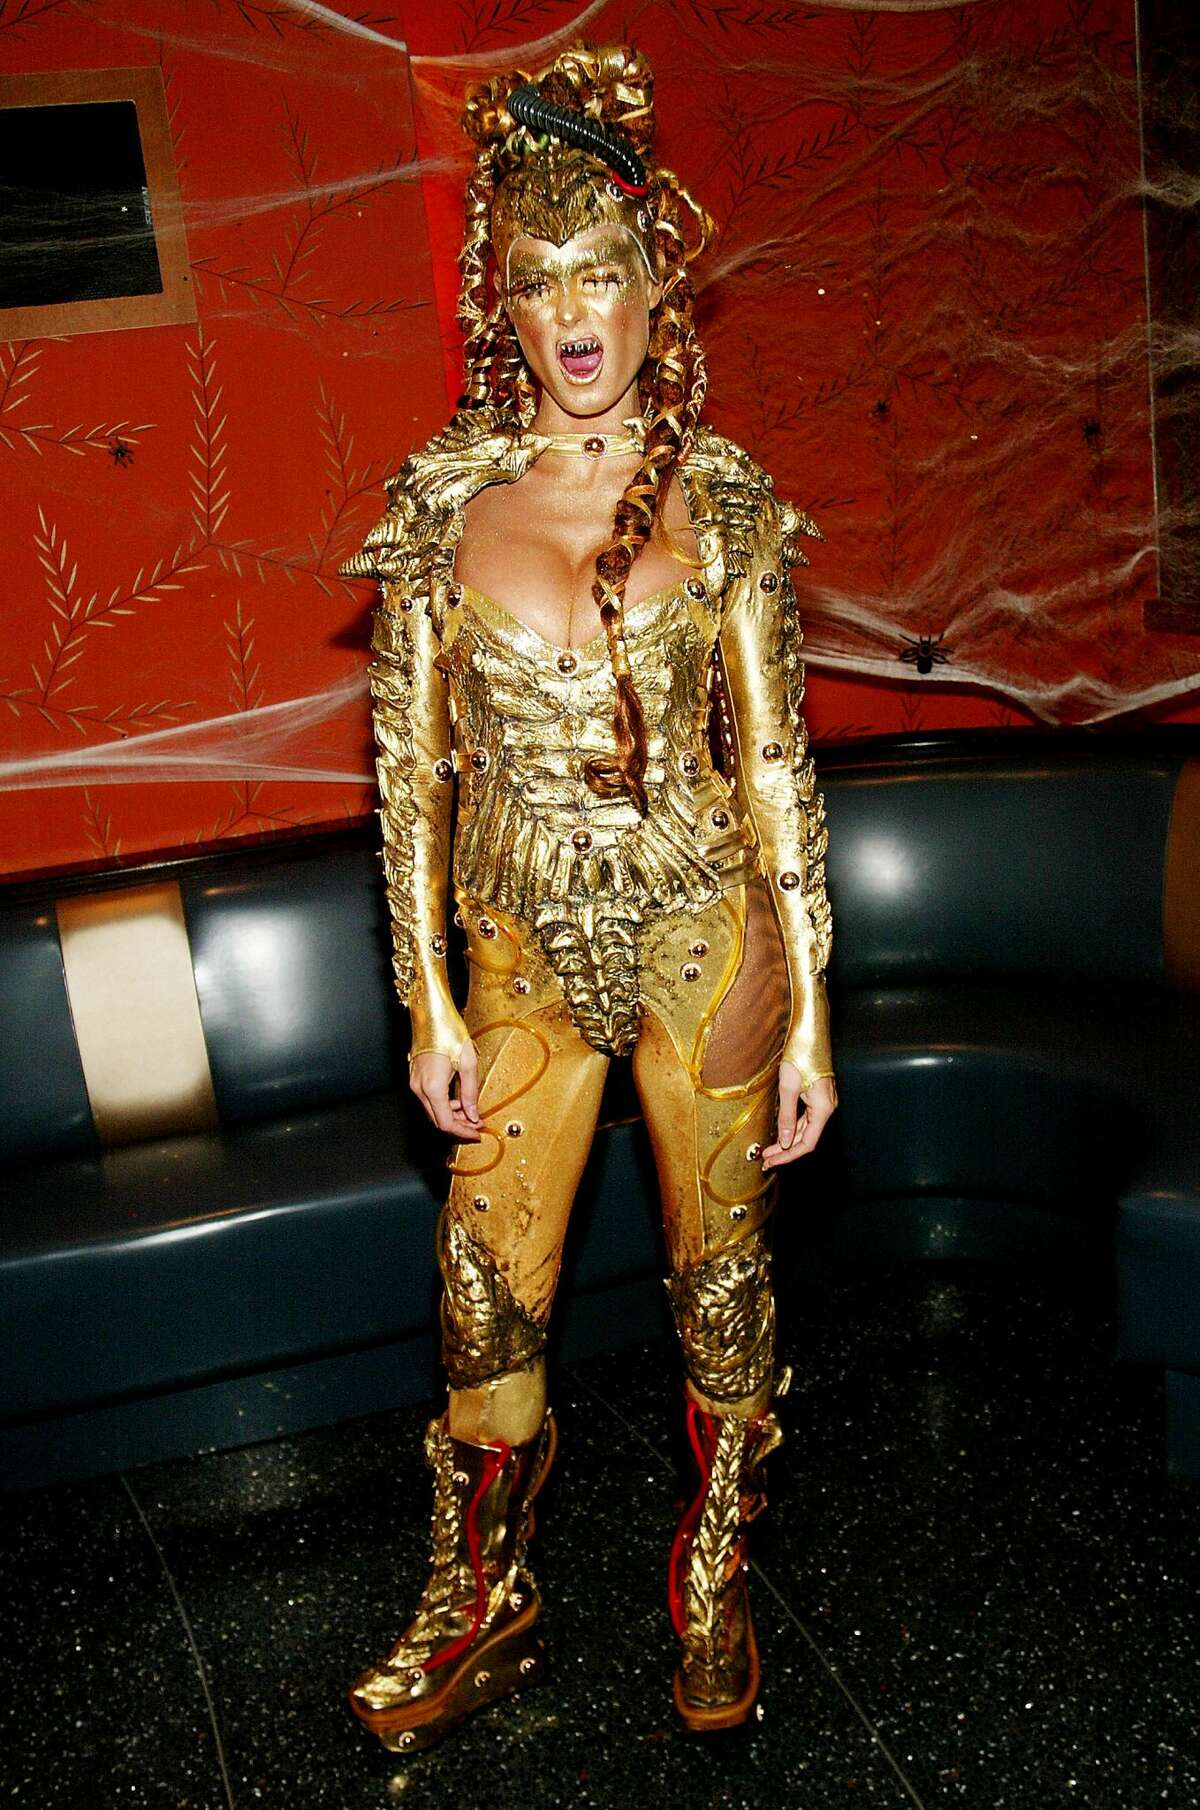 2003: Heidi Klum as a golden space alien